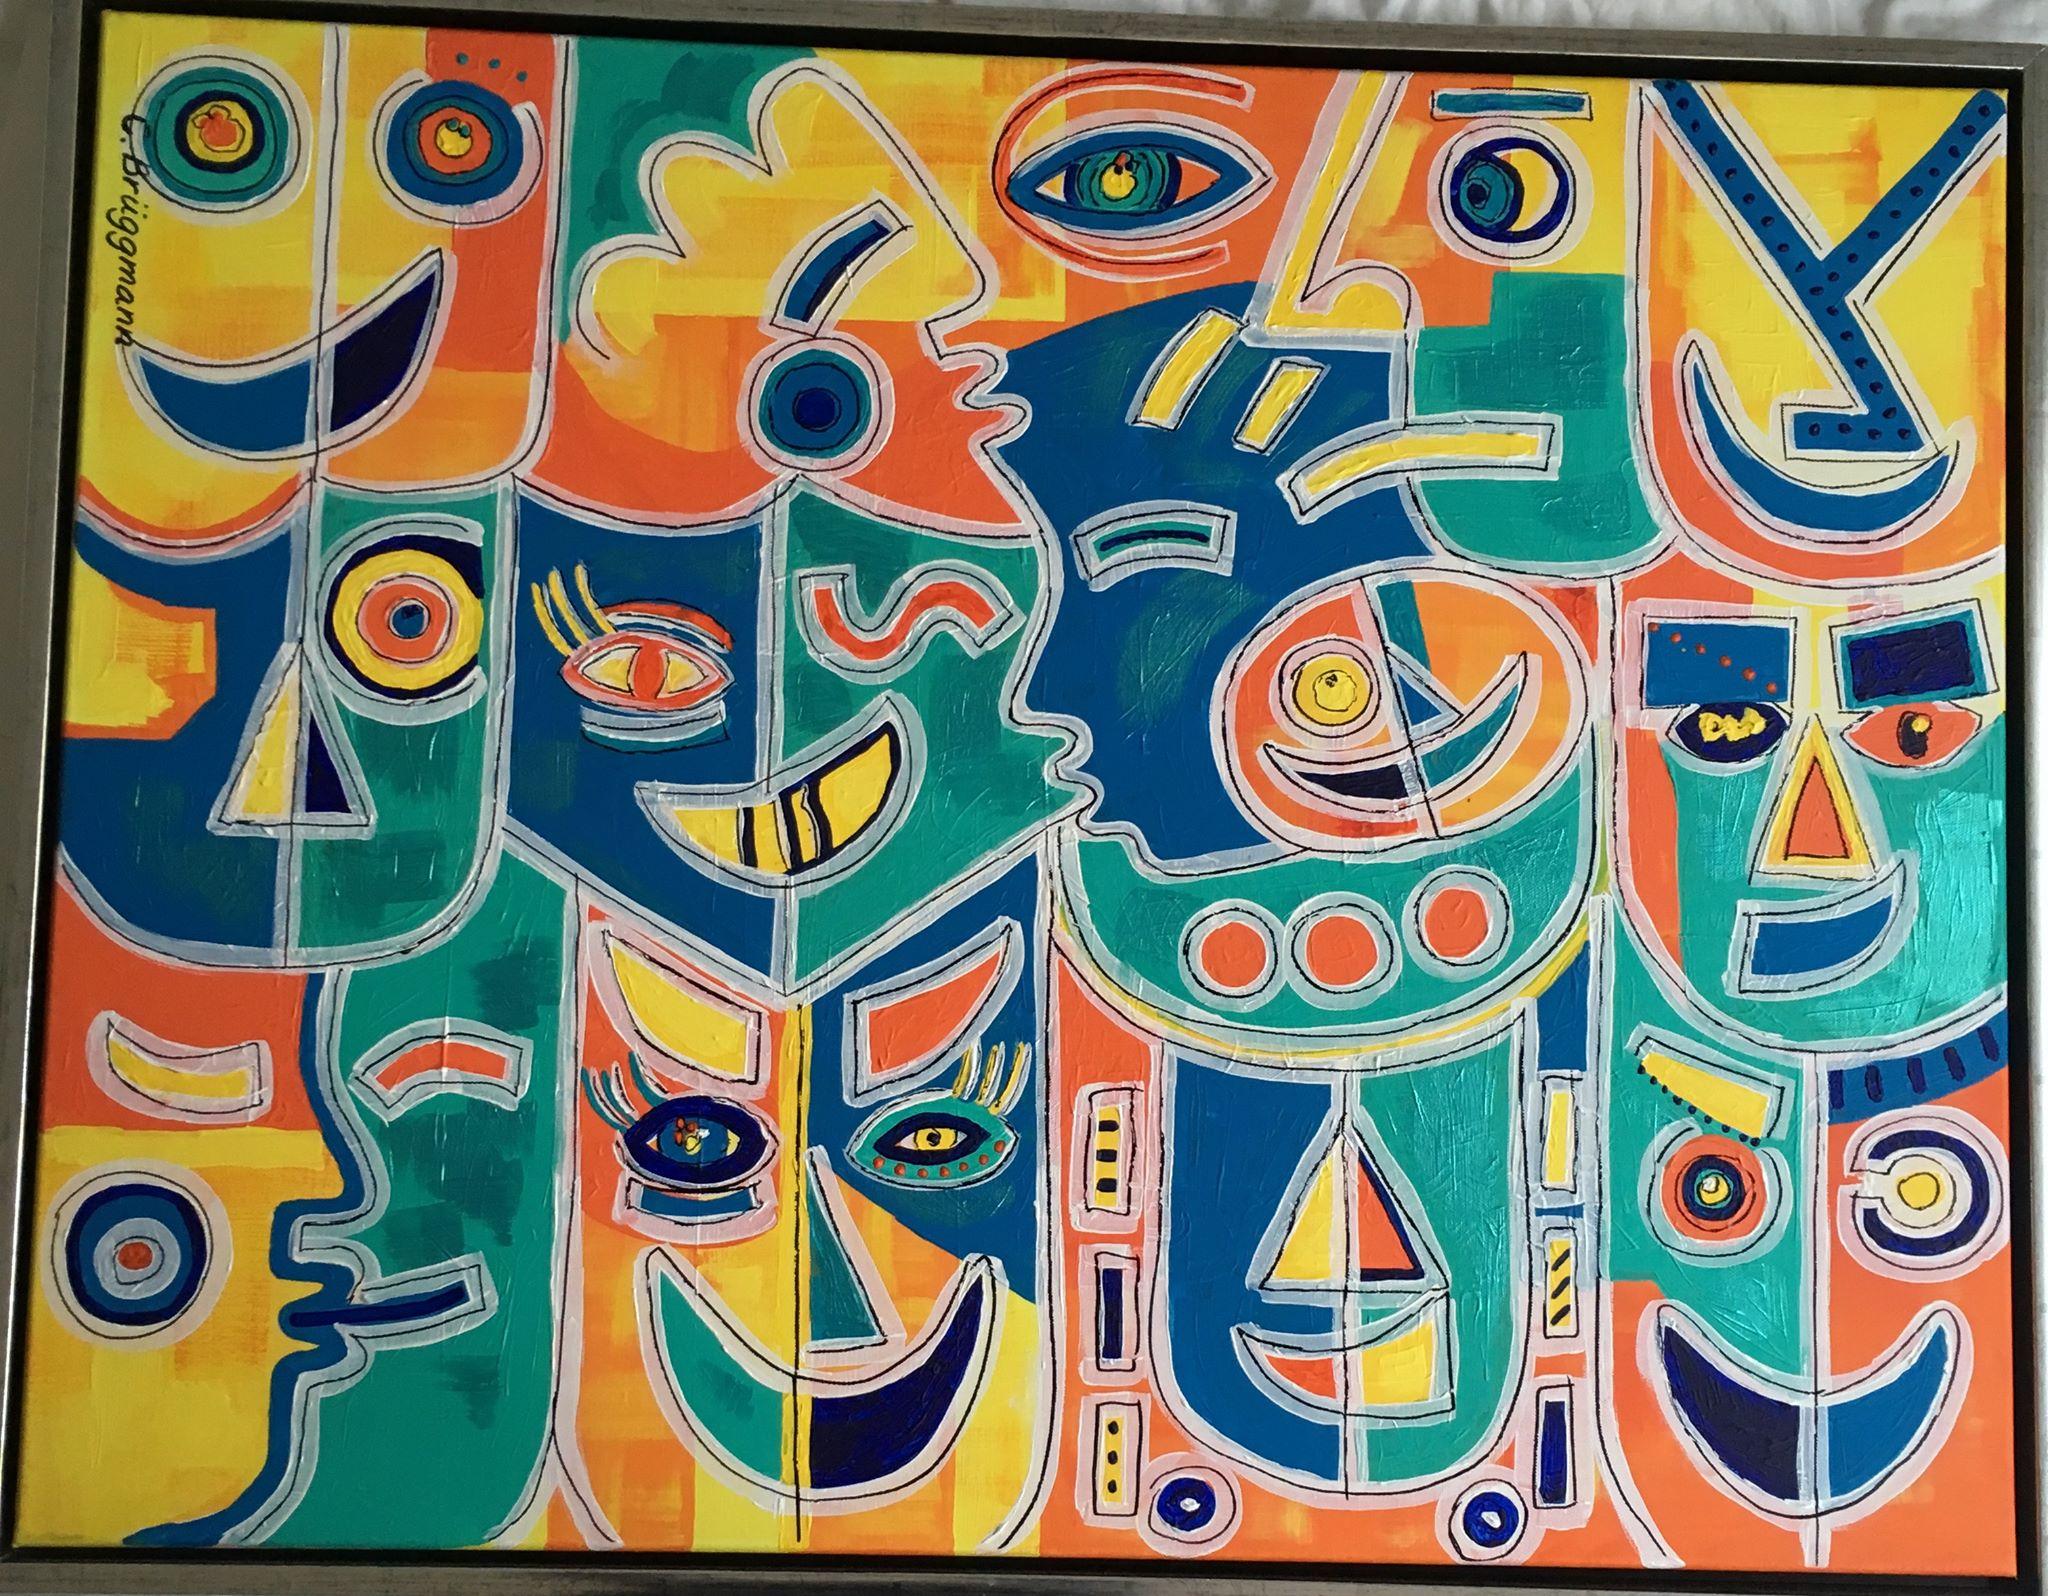 Tavla i färgglada färger med många olika känslor målad av konstnär C.Brüggmann från Helsingborg.